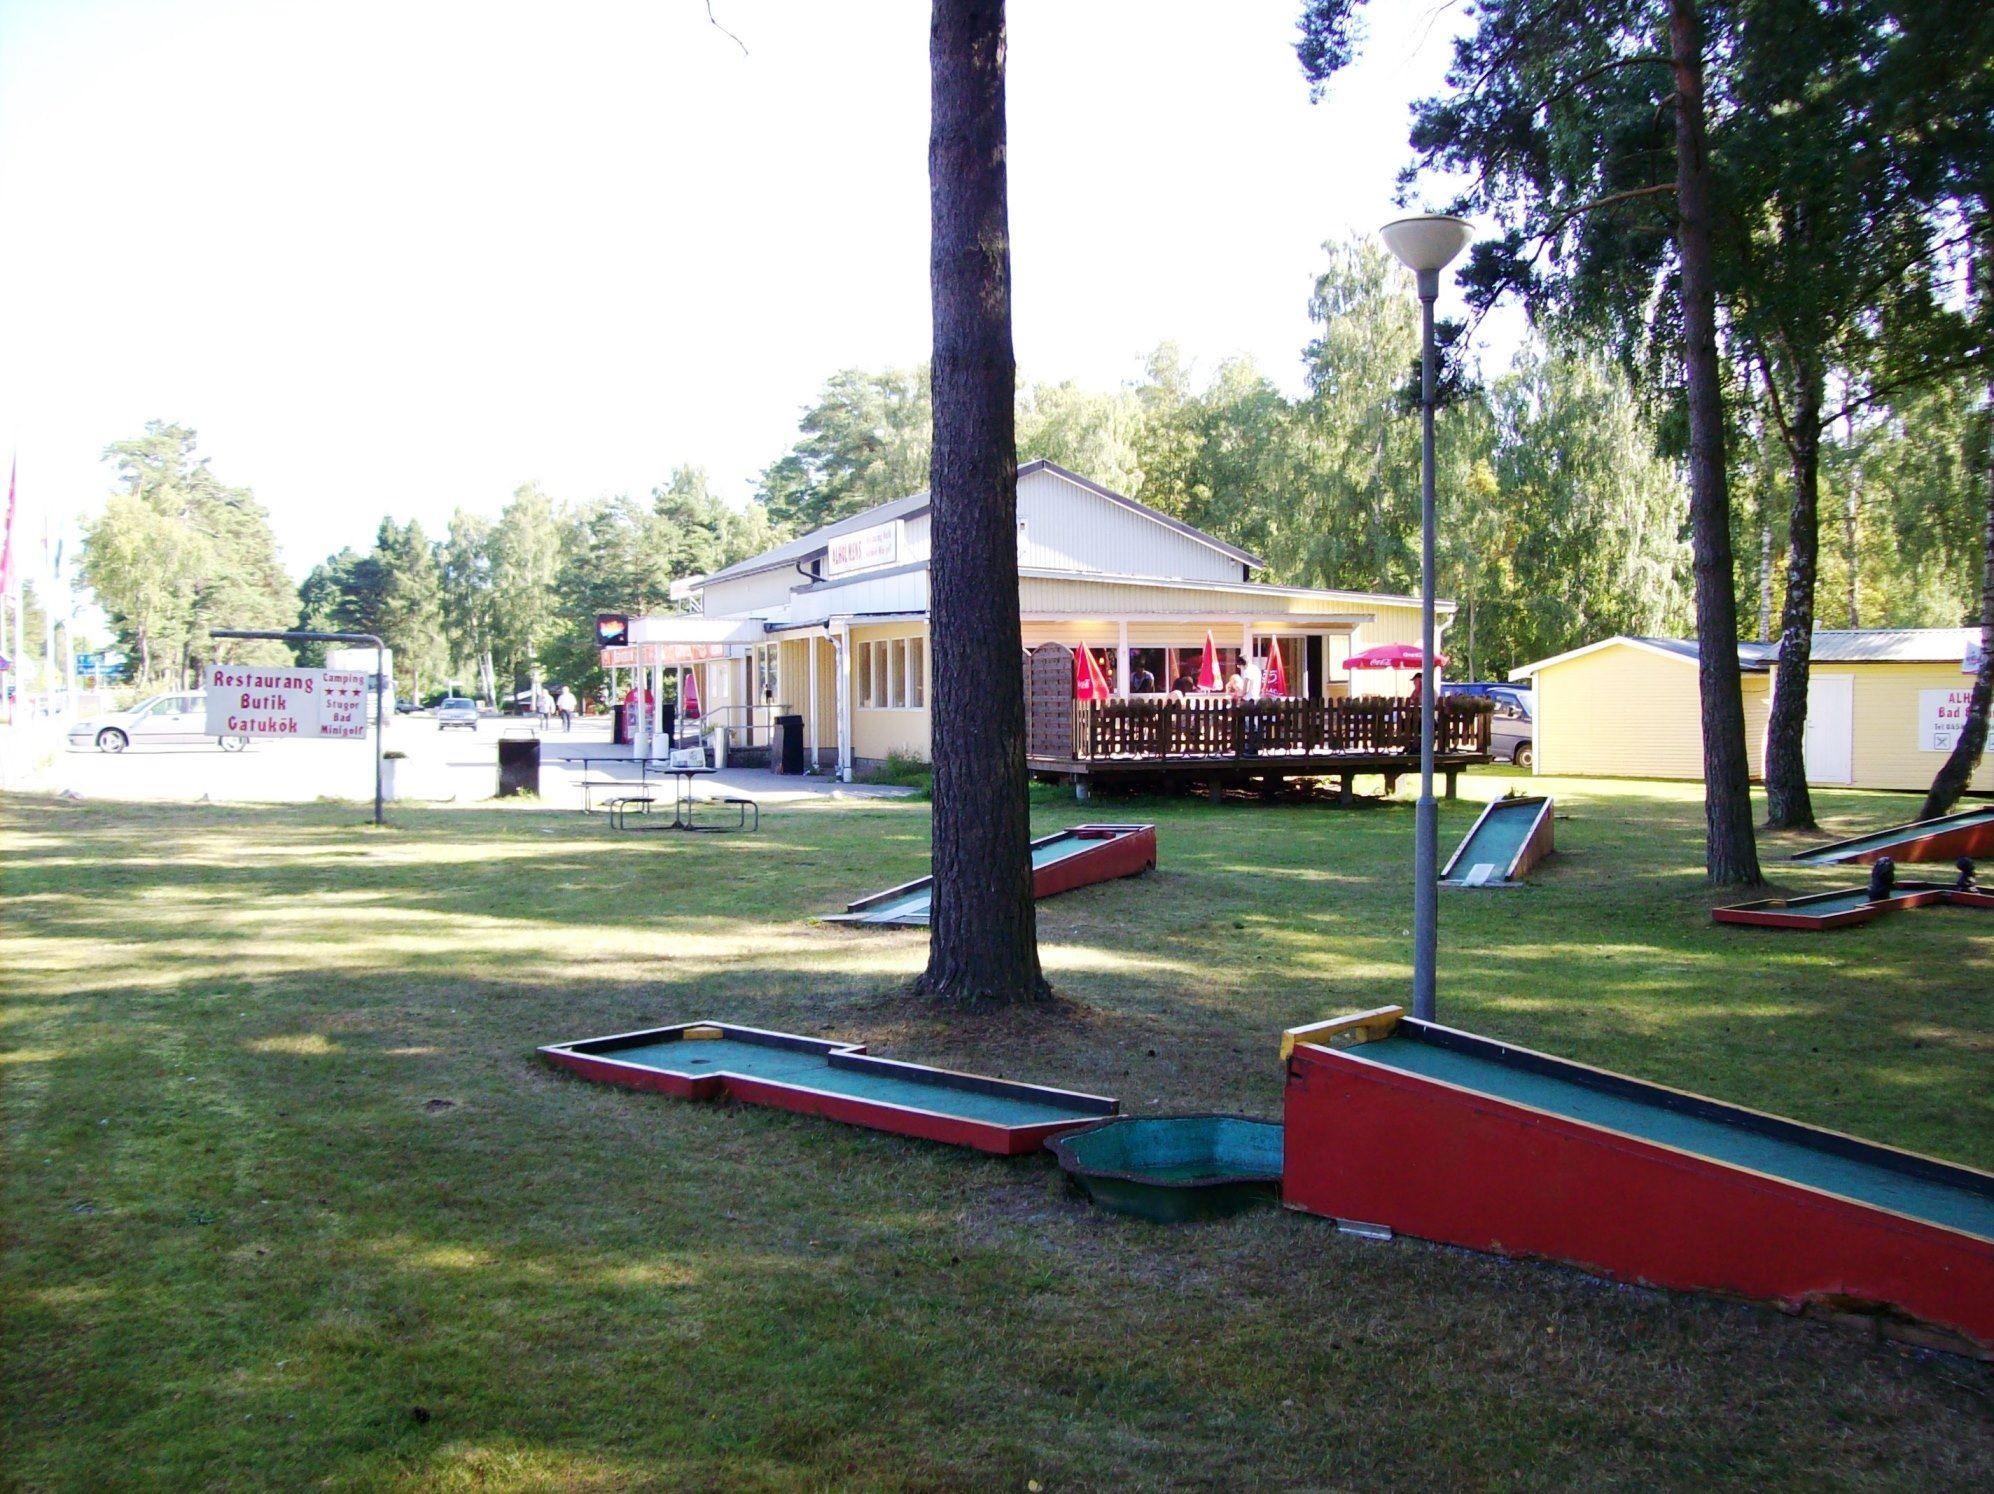 Bangolf - Alholmens Bad, Camping och Restaurang